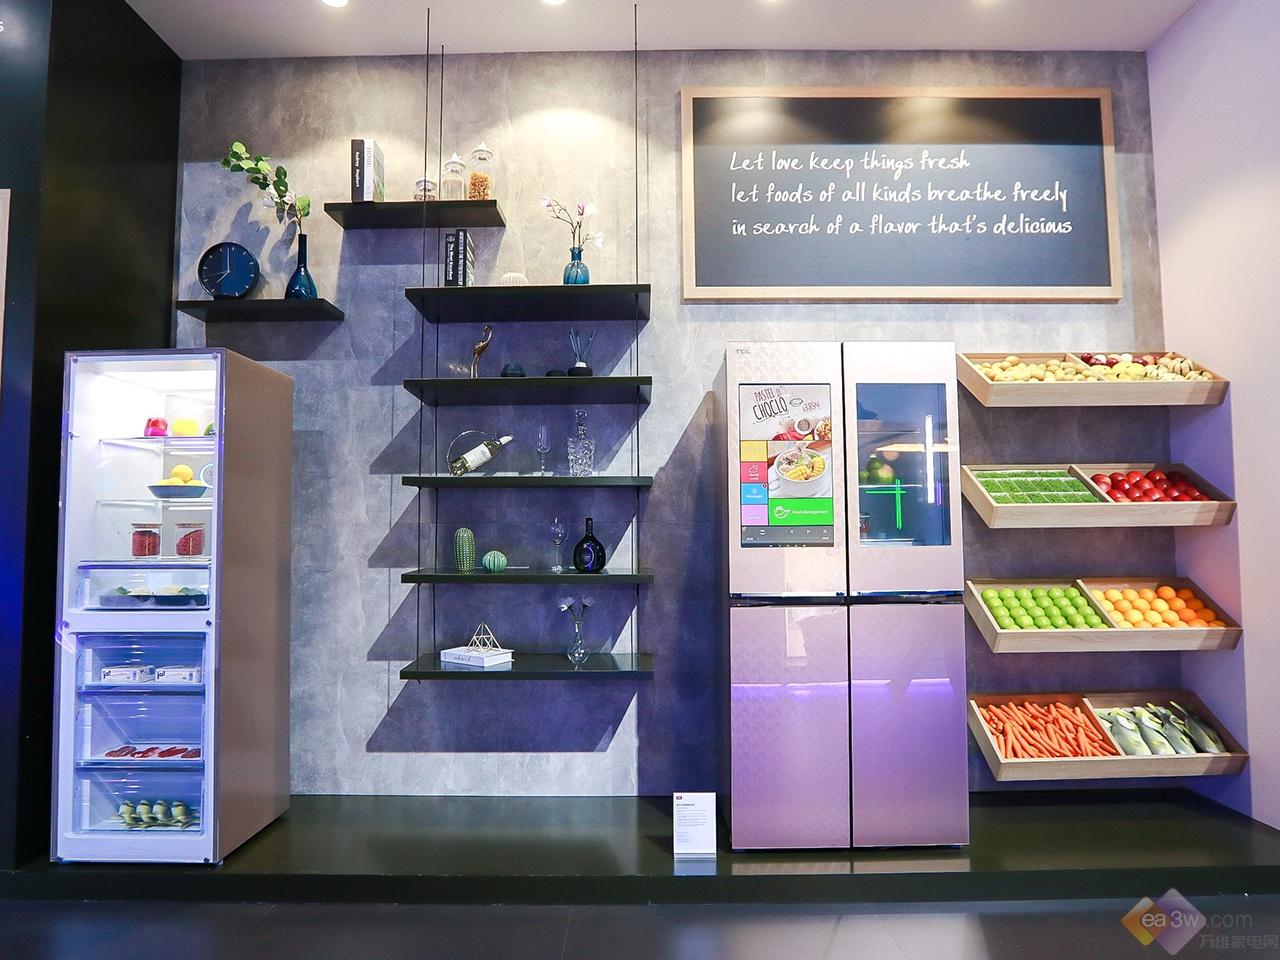 IFA 2018:通览TCL冰洗展馆,体验全新智能生活